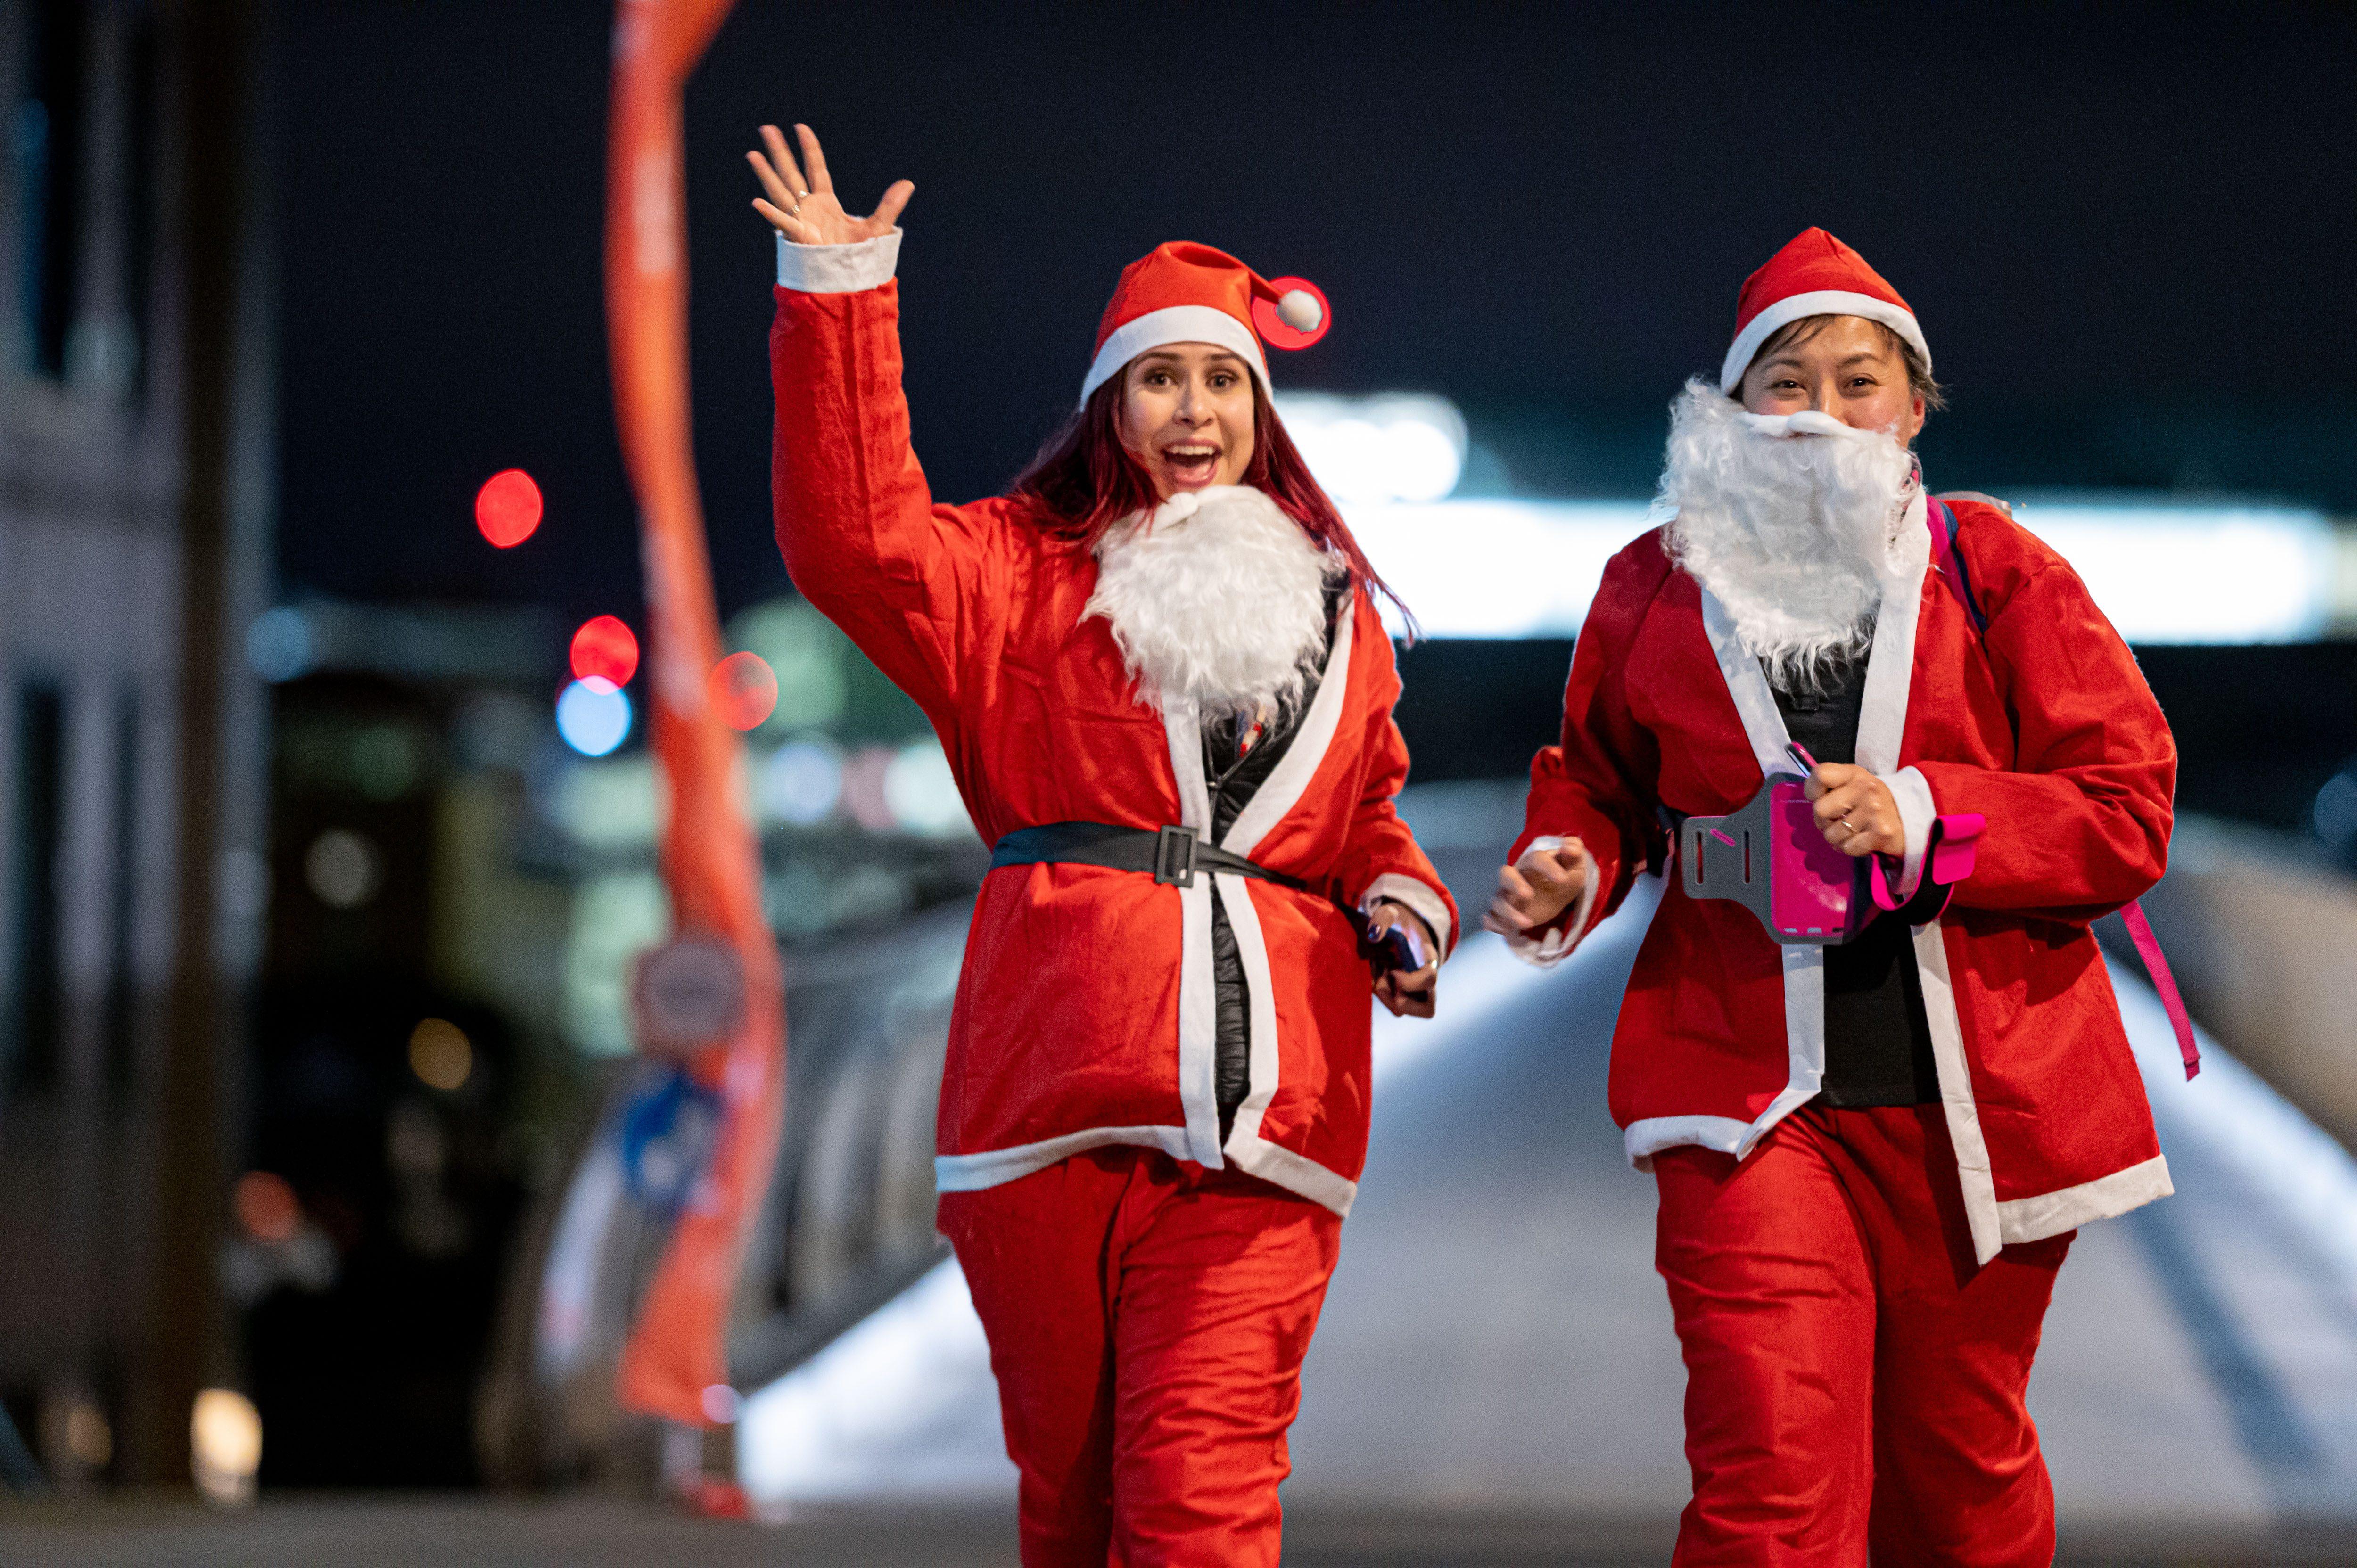 My-Santa-Run-Hero.jpg